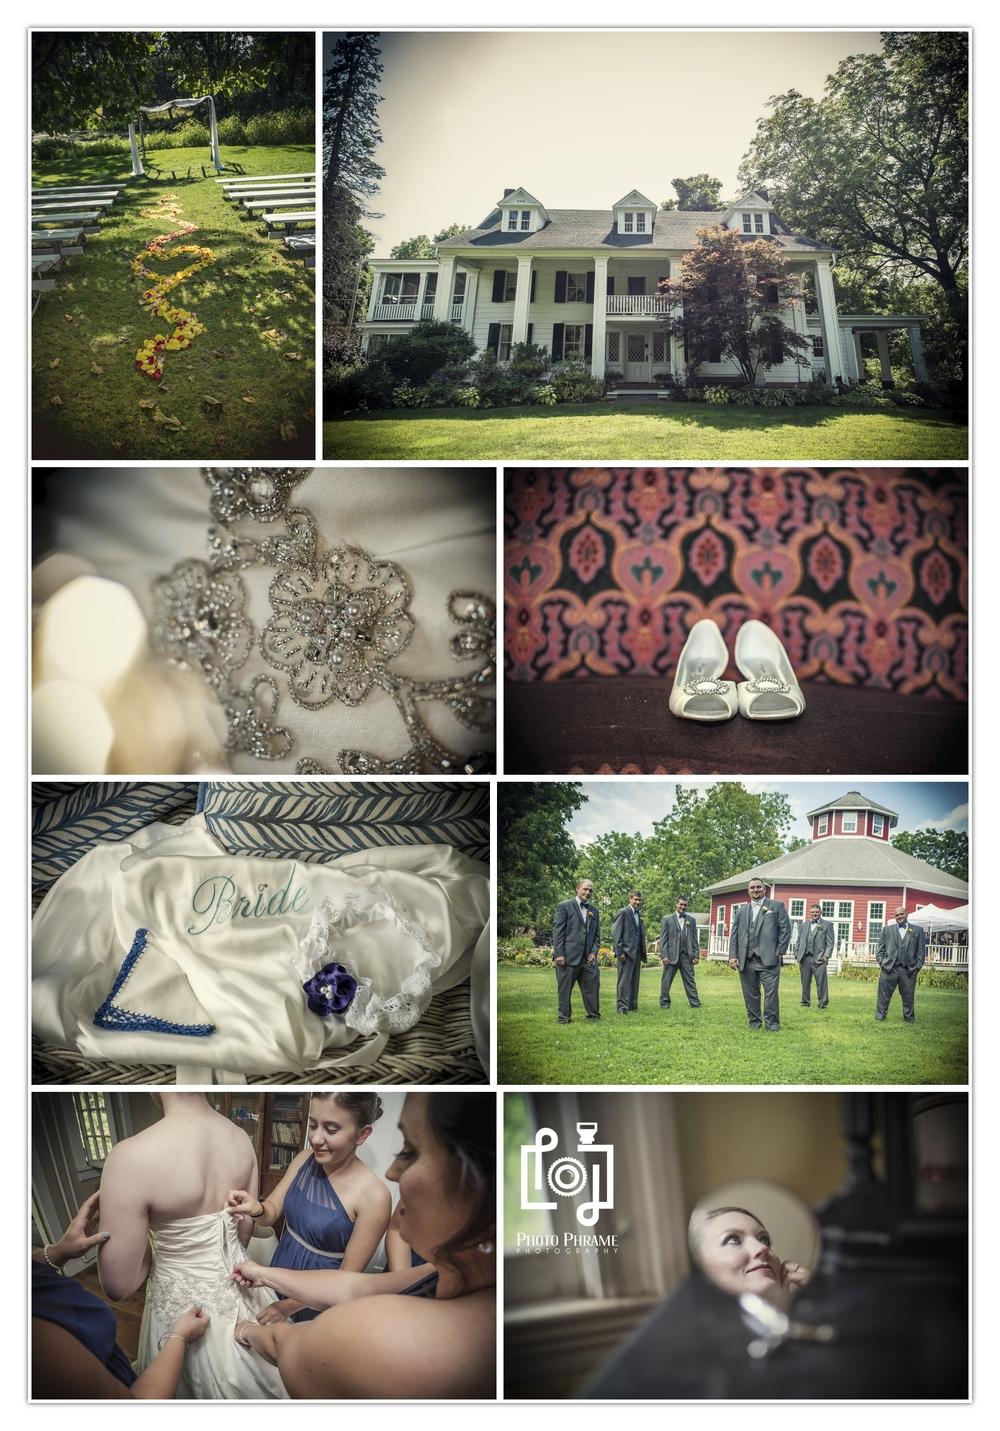 Appel Inn, Albany, NY Wedding Photography